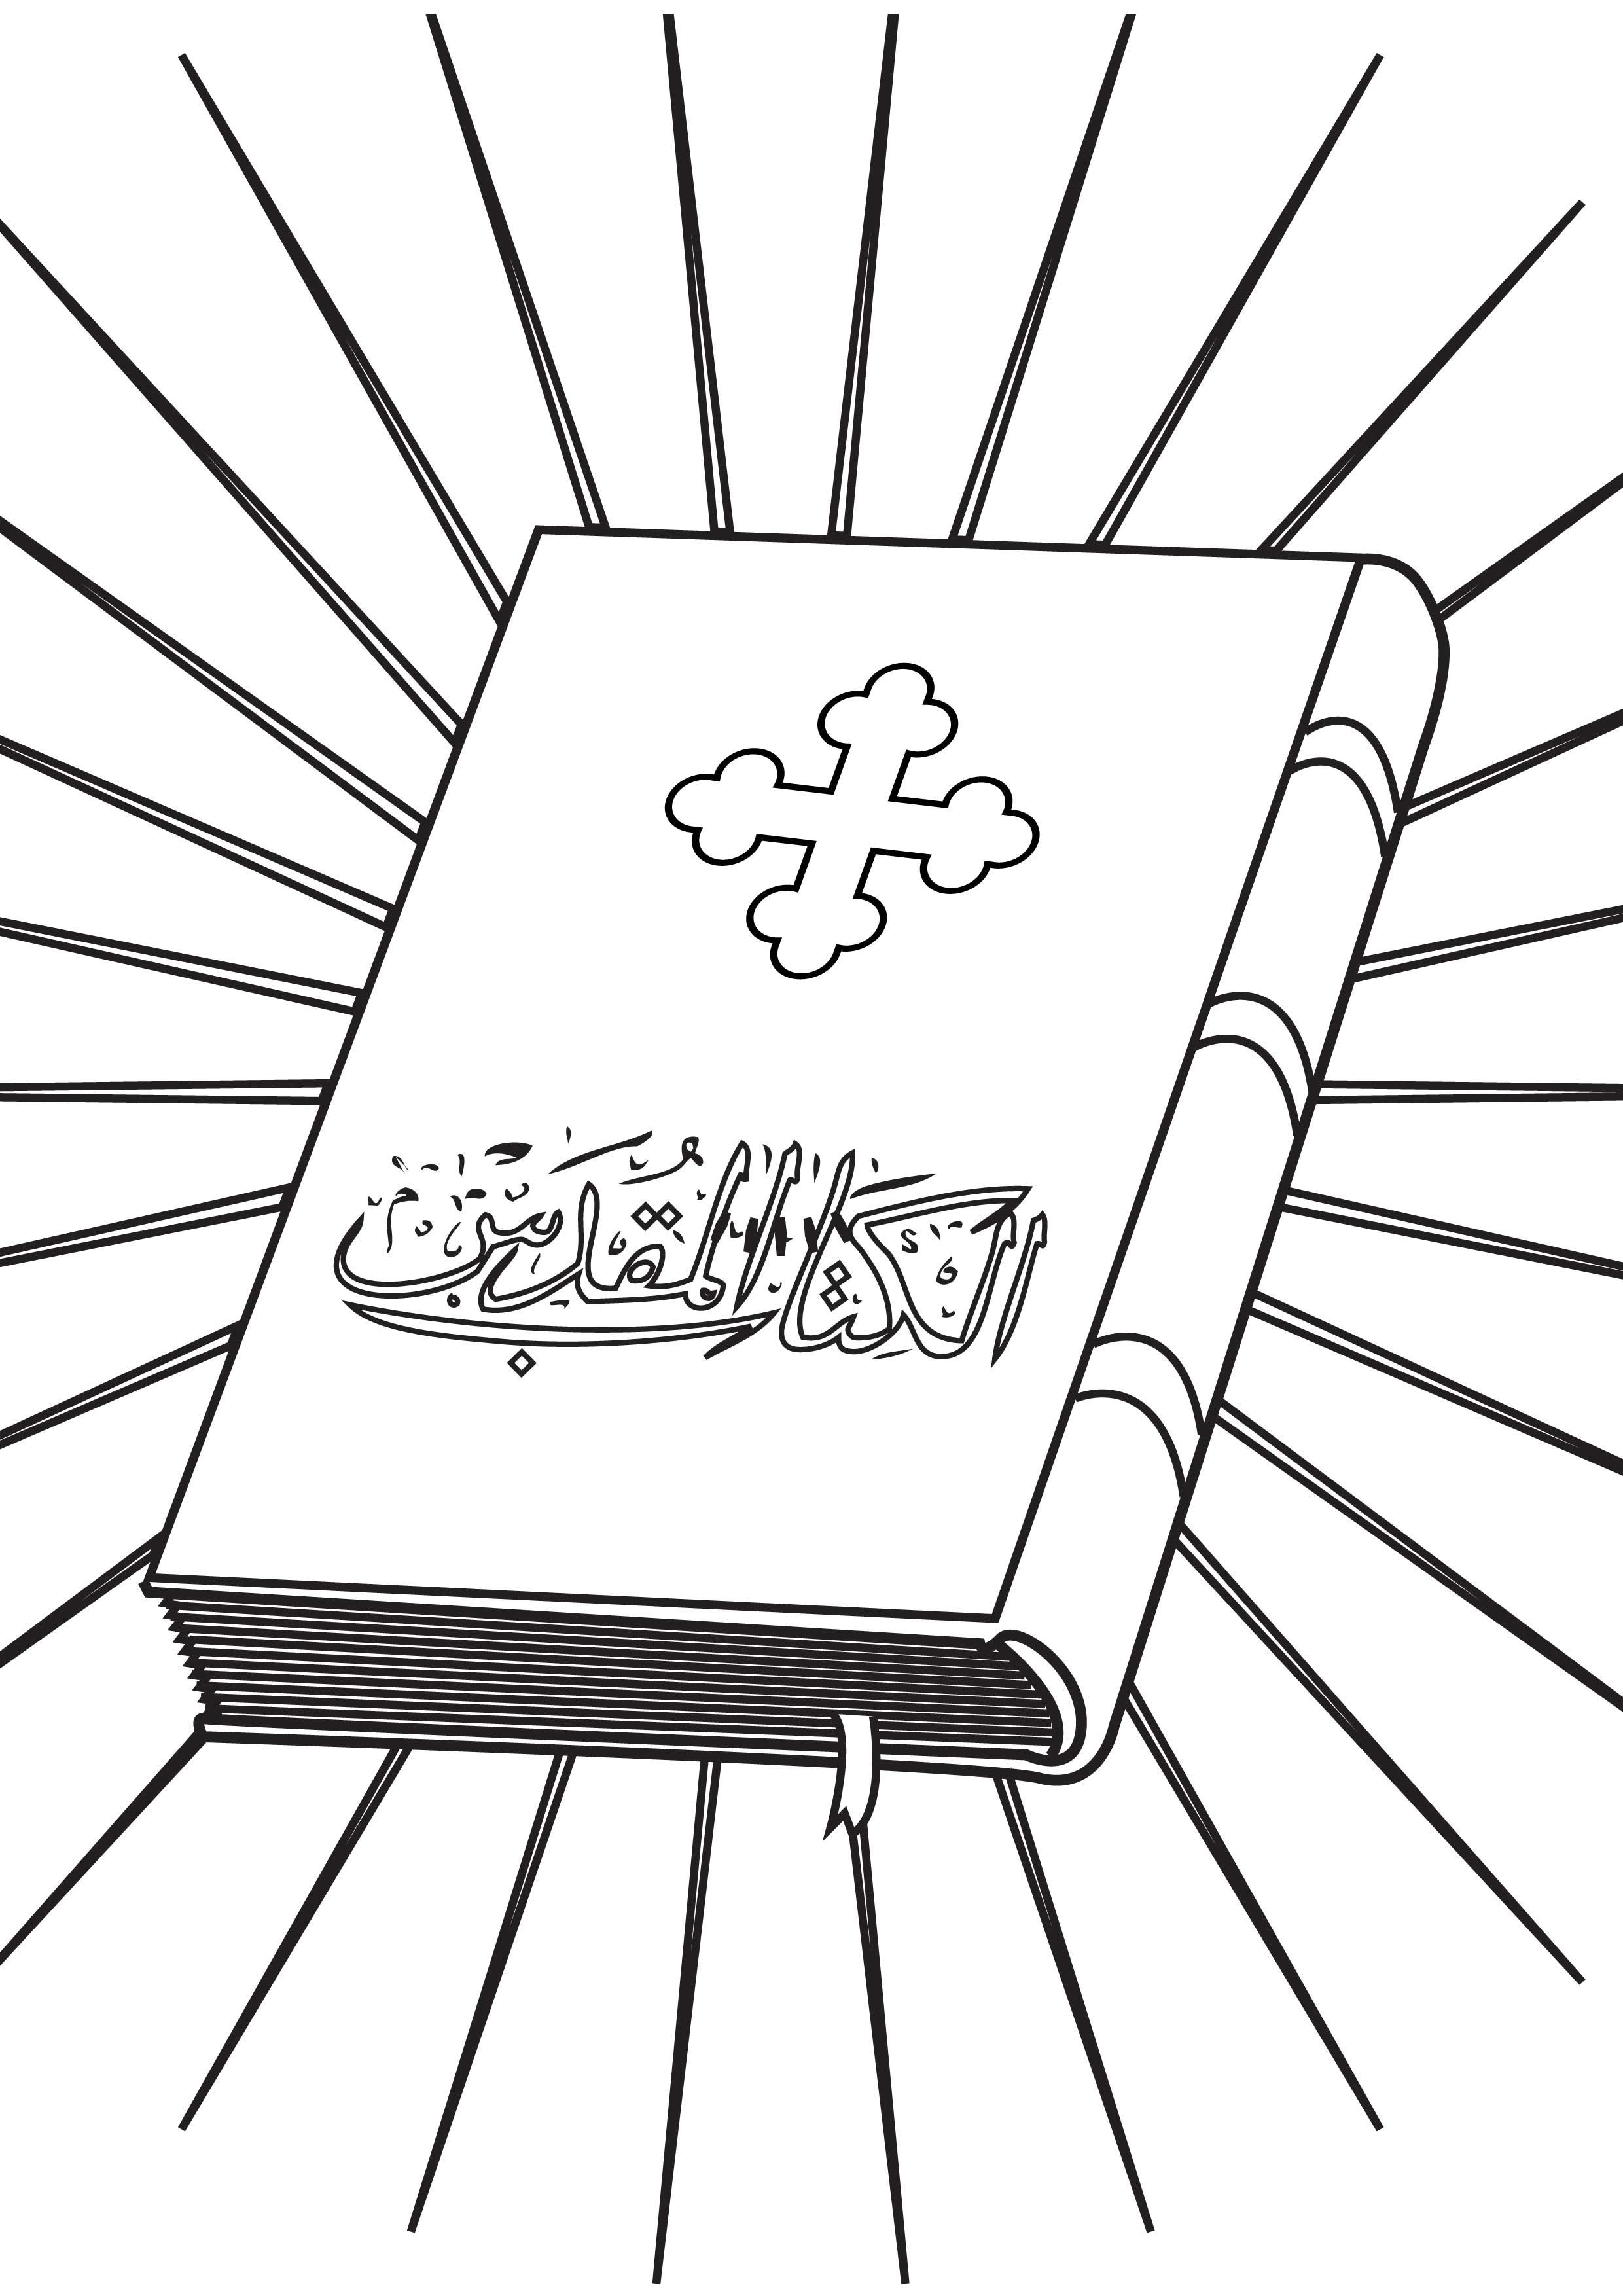 تأثر حياة الفضيلة بالقراءة والسمع وباقي الحواس كتاب حياة الفضيلة